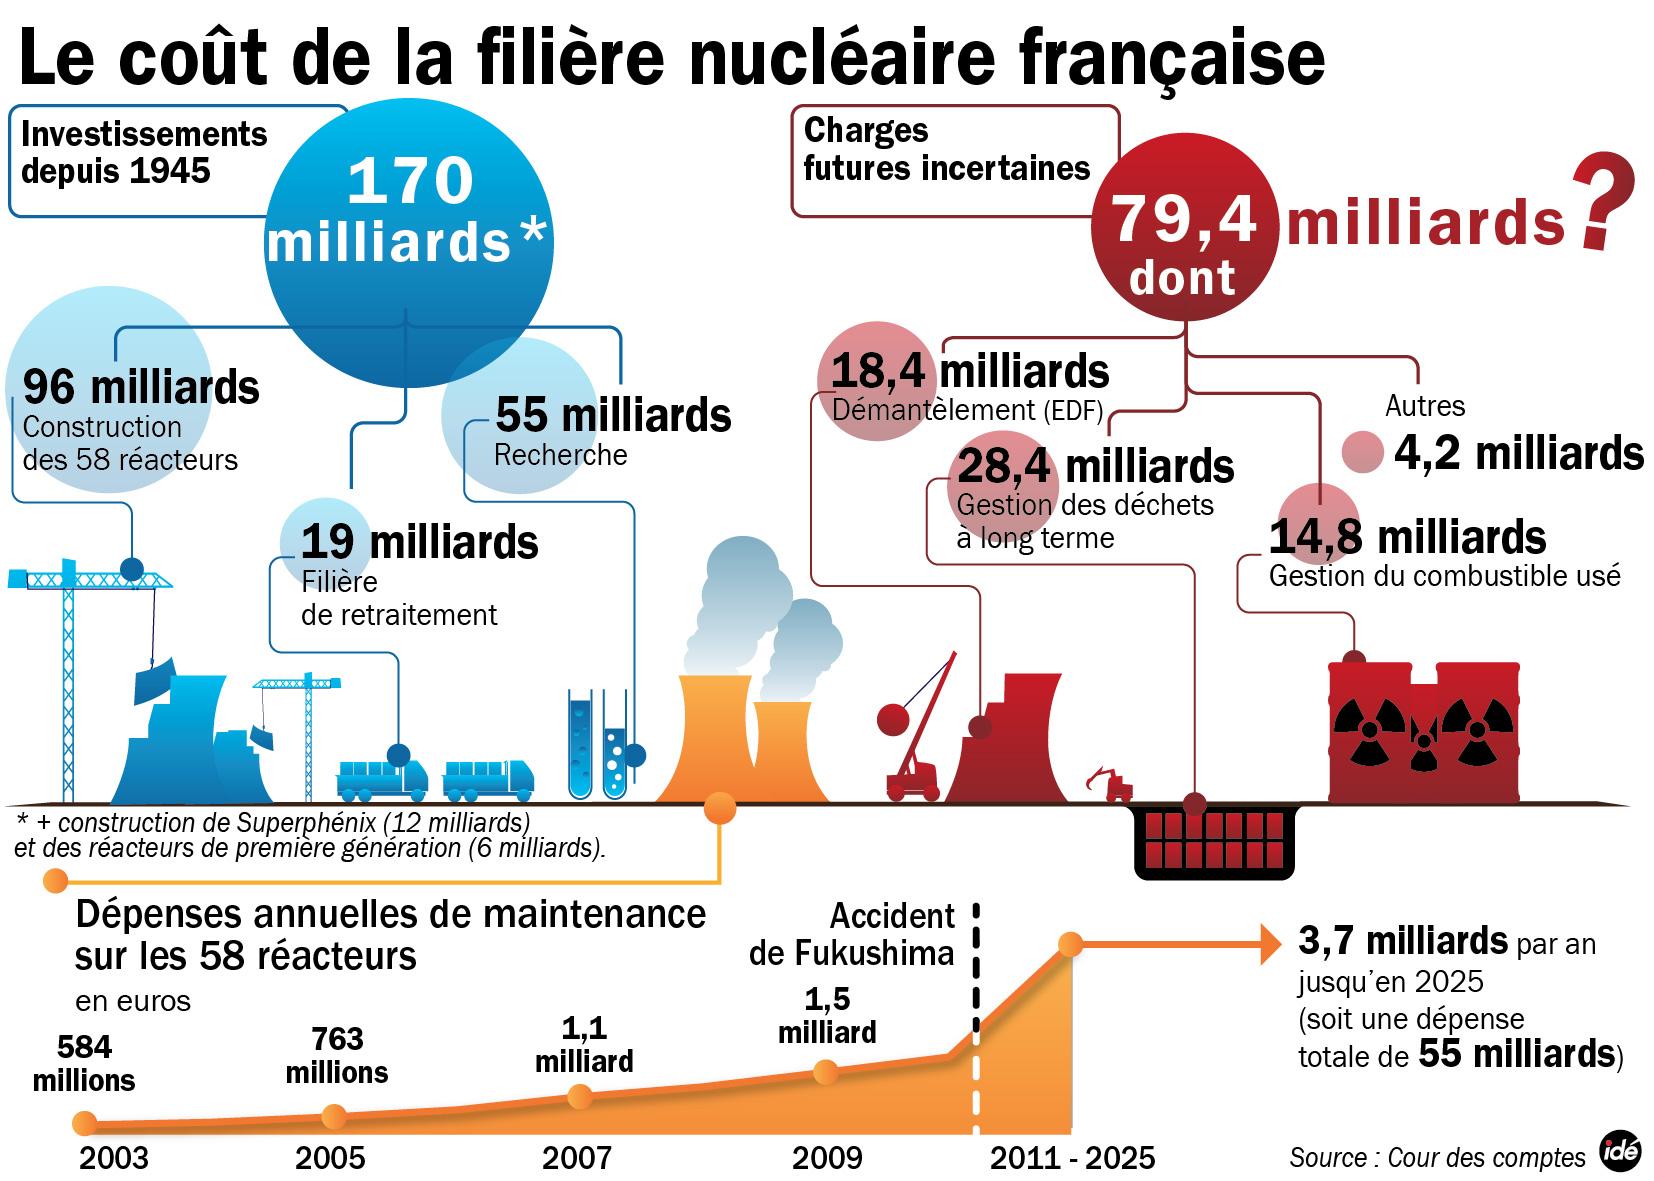 energie - Le nucléaire ne semble plus être l'énergie bon marché que l'on nous avait présenté Schema-cour-des-comptenuc